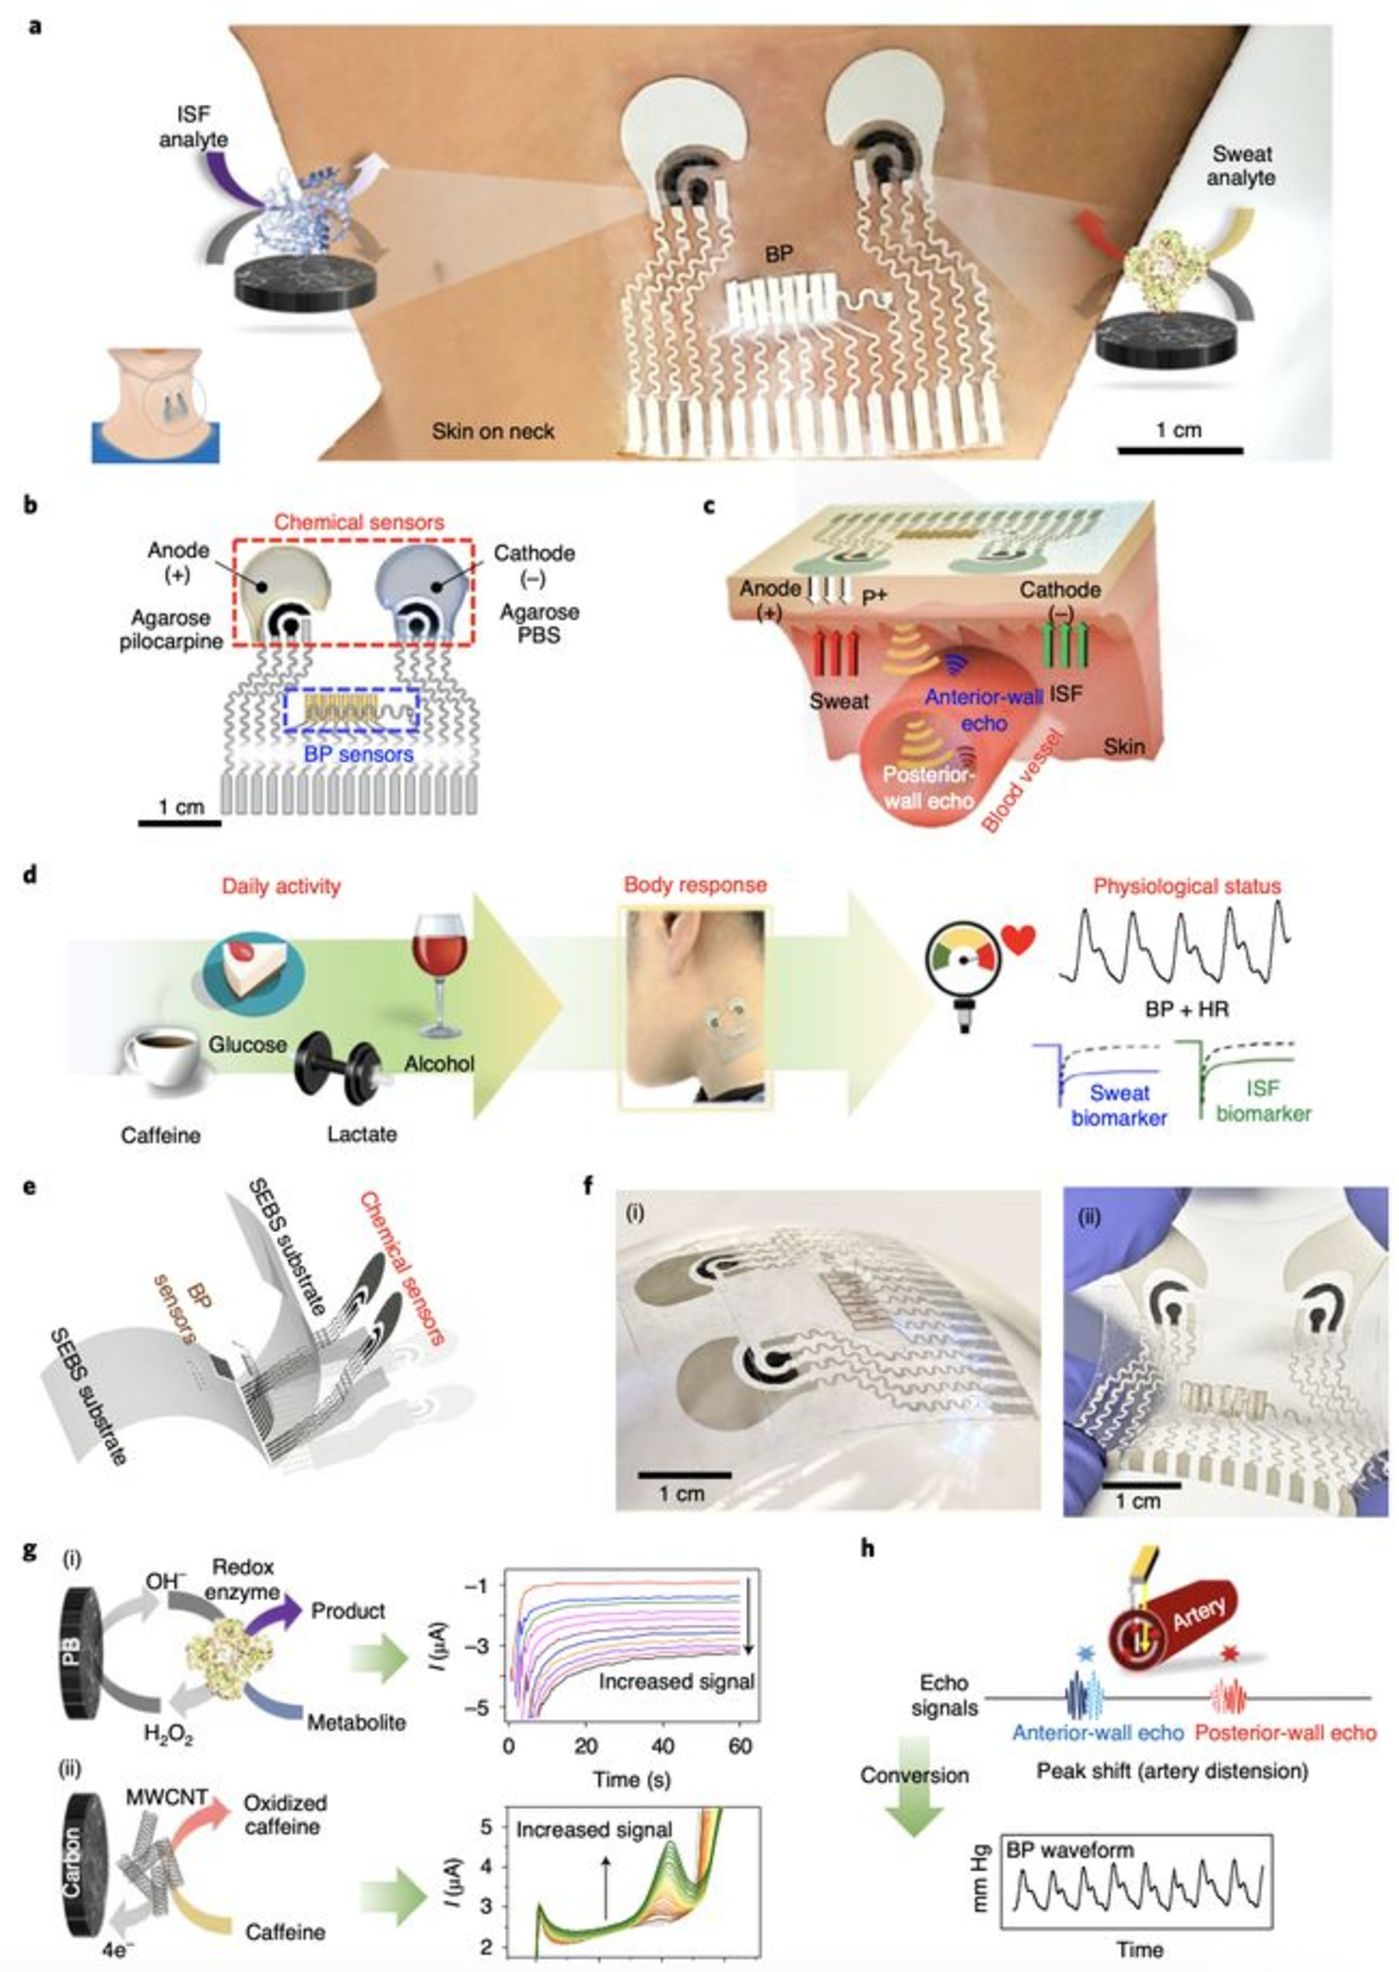 图|可拉伸集成BP-化学传感贴片的设计和机理(来源:Nature Biomedical Engineering)